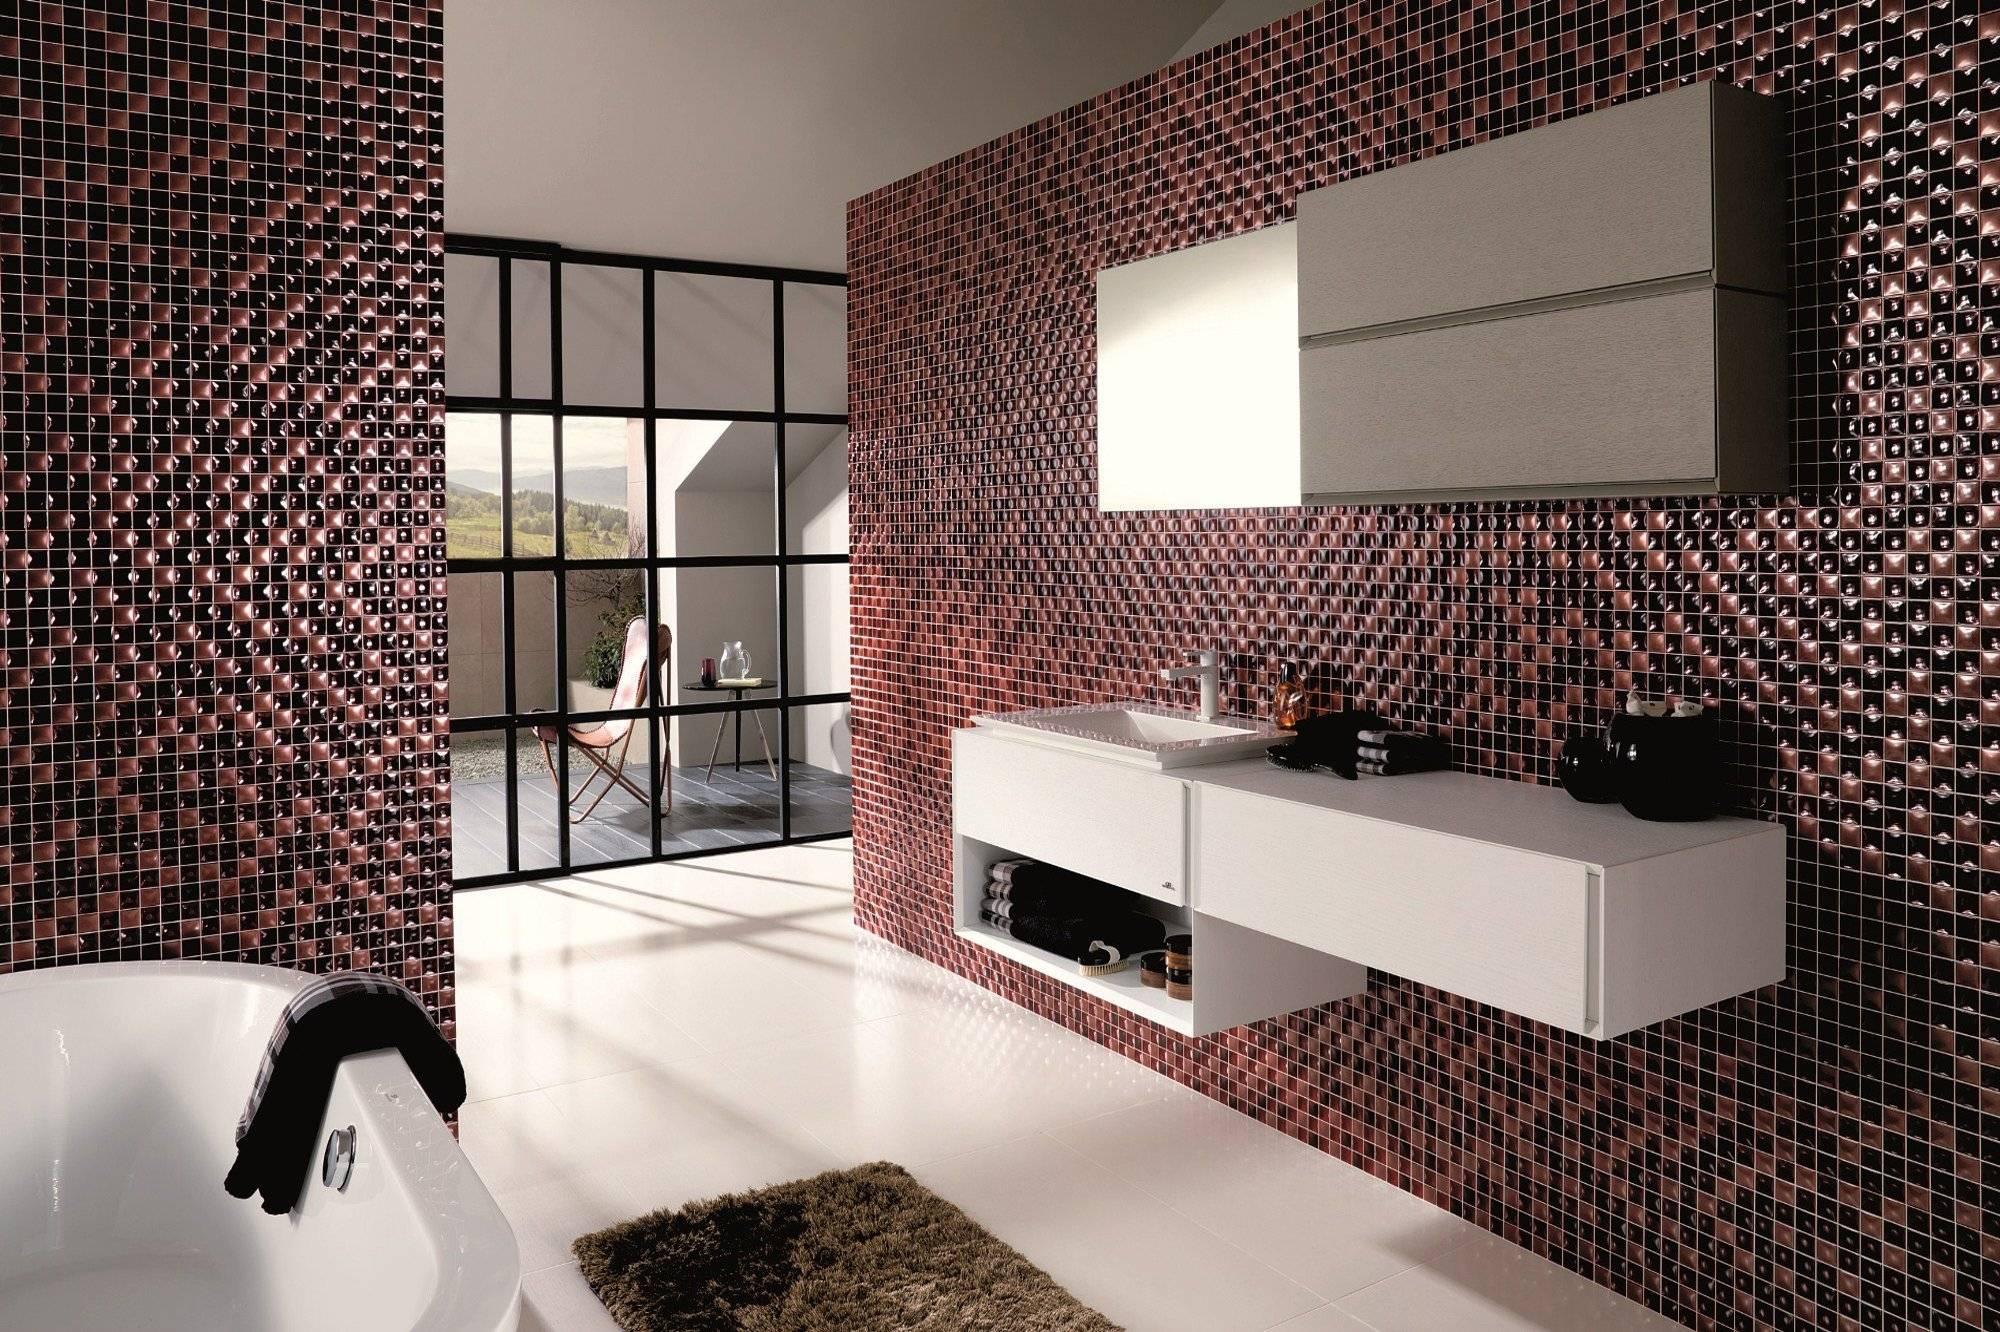 Плитка-мозаика для кухни на фартук: укладка, виды, преимущества и недостатки